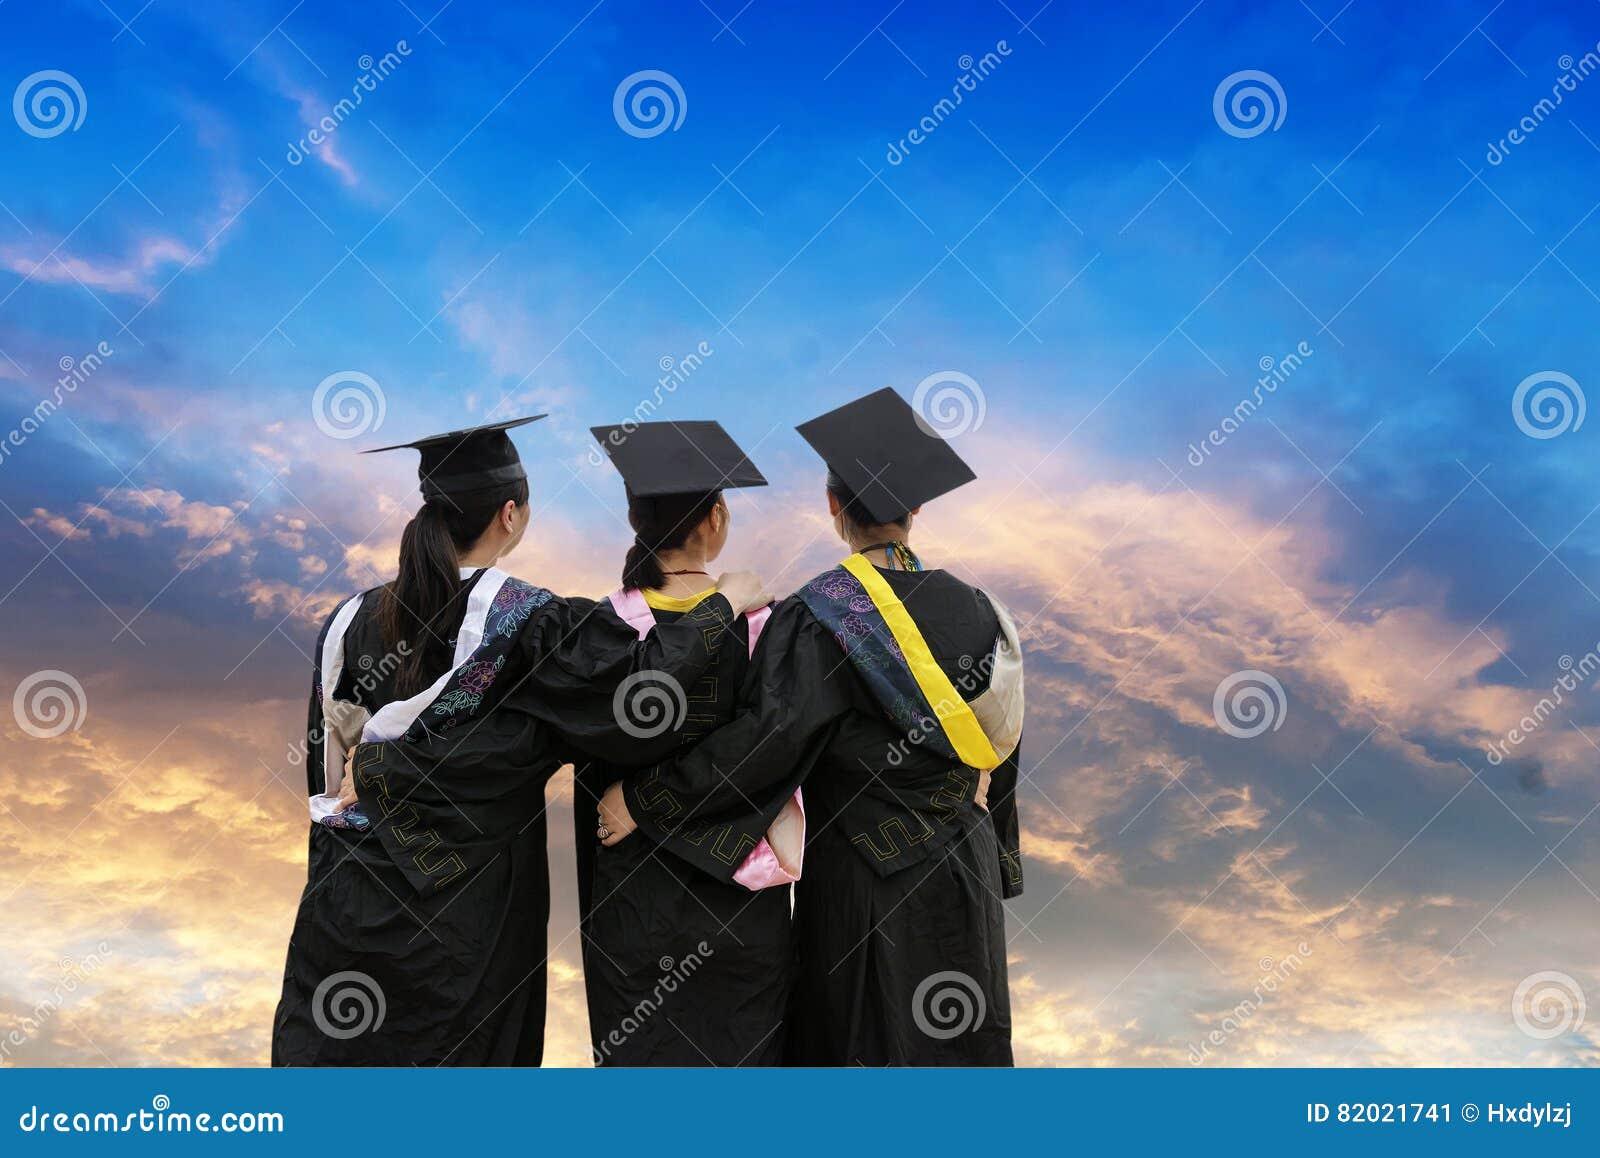 Het dragen van studenten van een de doctorale graduatiekleding